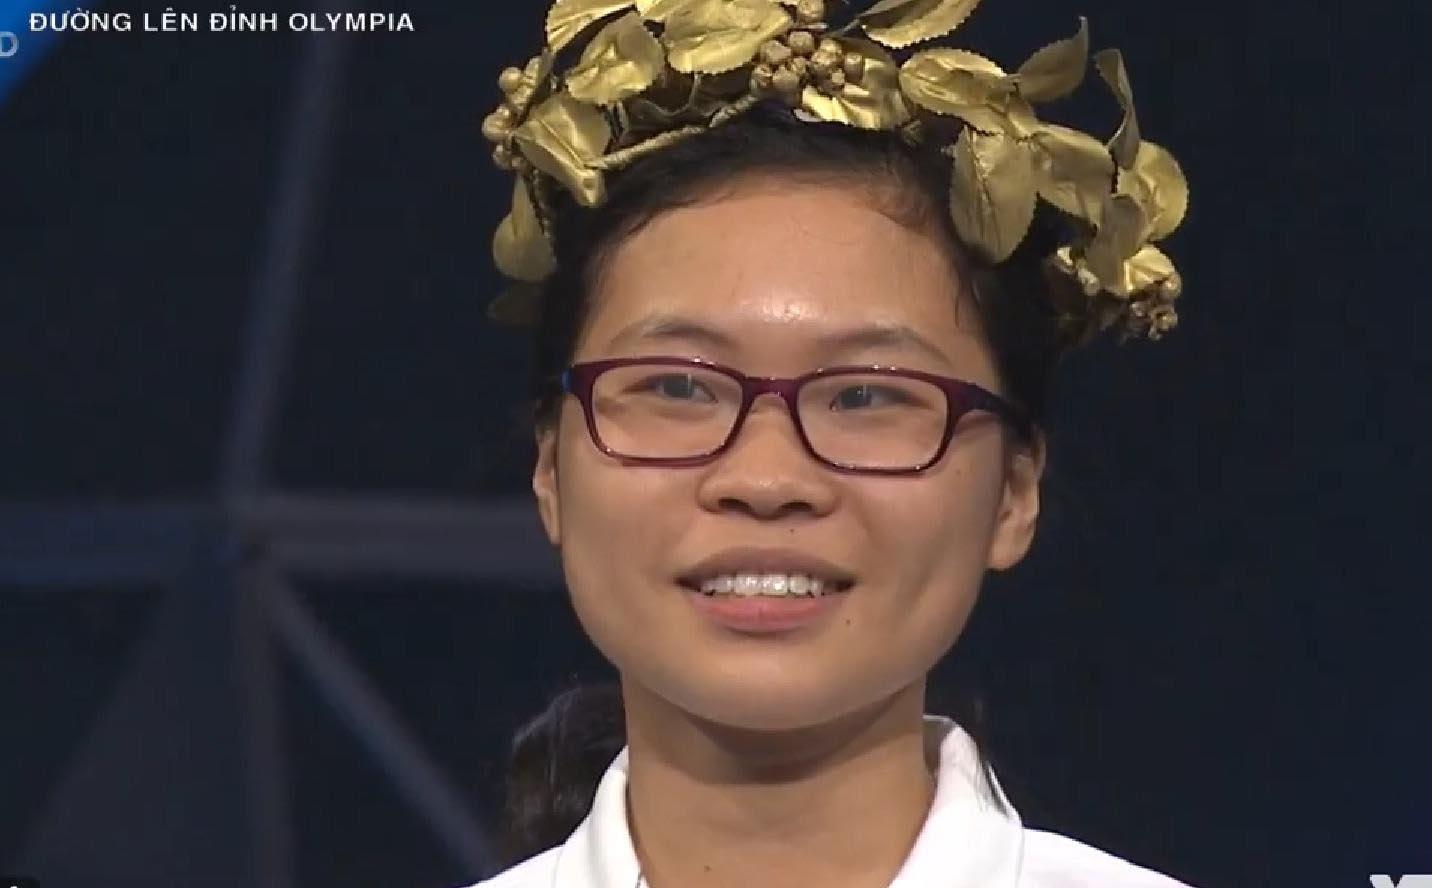 Nữ sinh trường Ams không có đối thủ về điểm số ở cuộc thi tuần Olympia